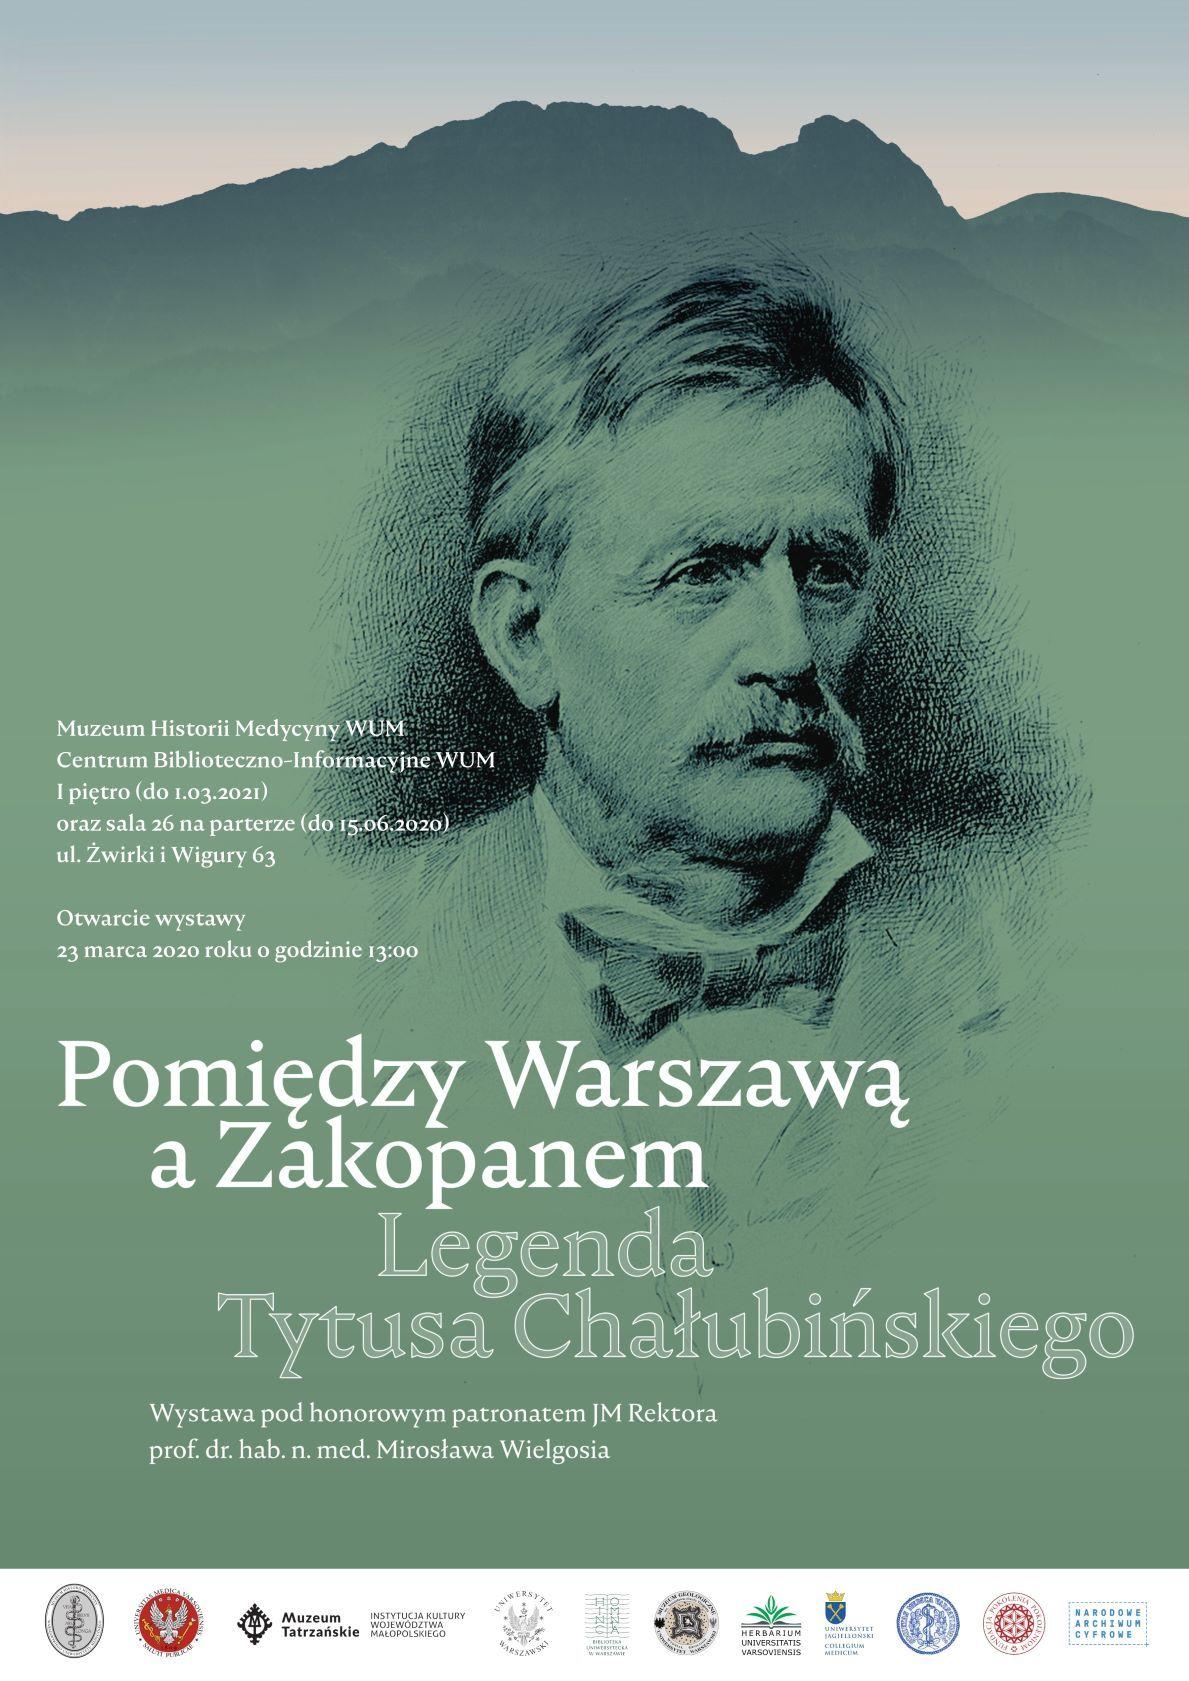 plakat wystawy Pomiędzy Warszawą a Zakopanem, Legenda Tytusa Chałubińskiego